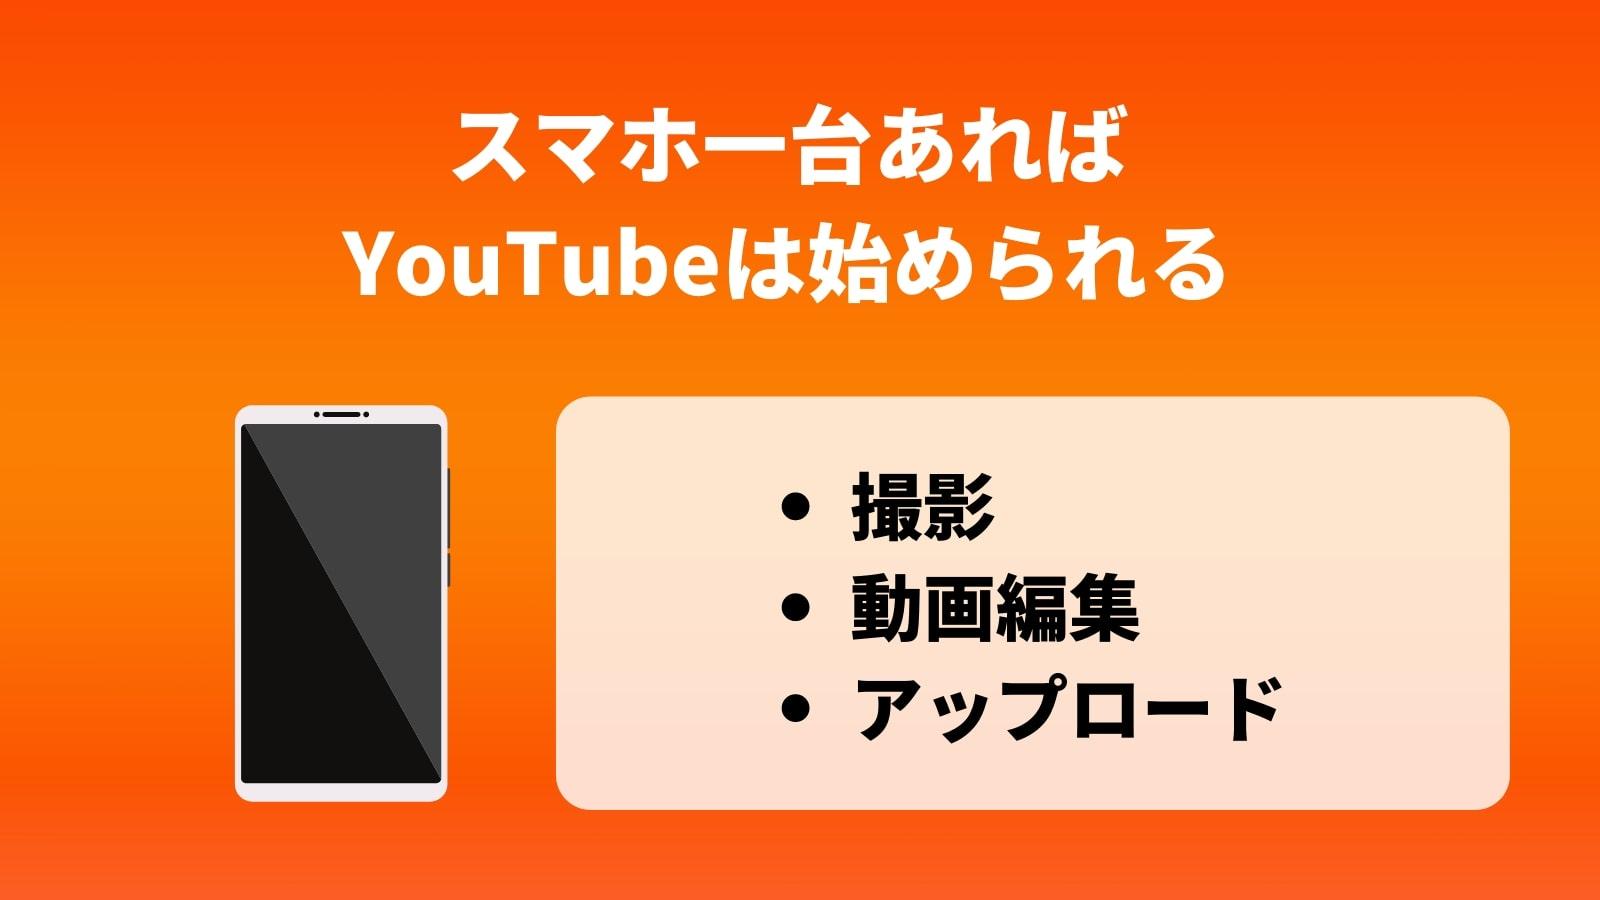 スマホ一台あれば YouTubeは始められる